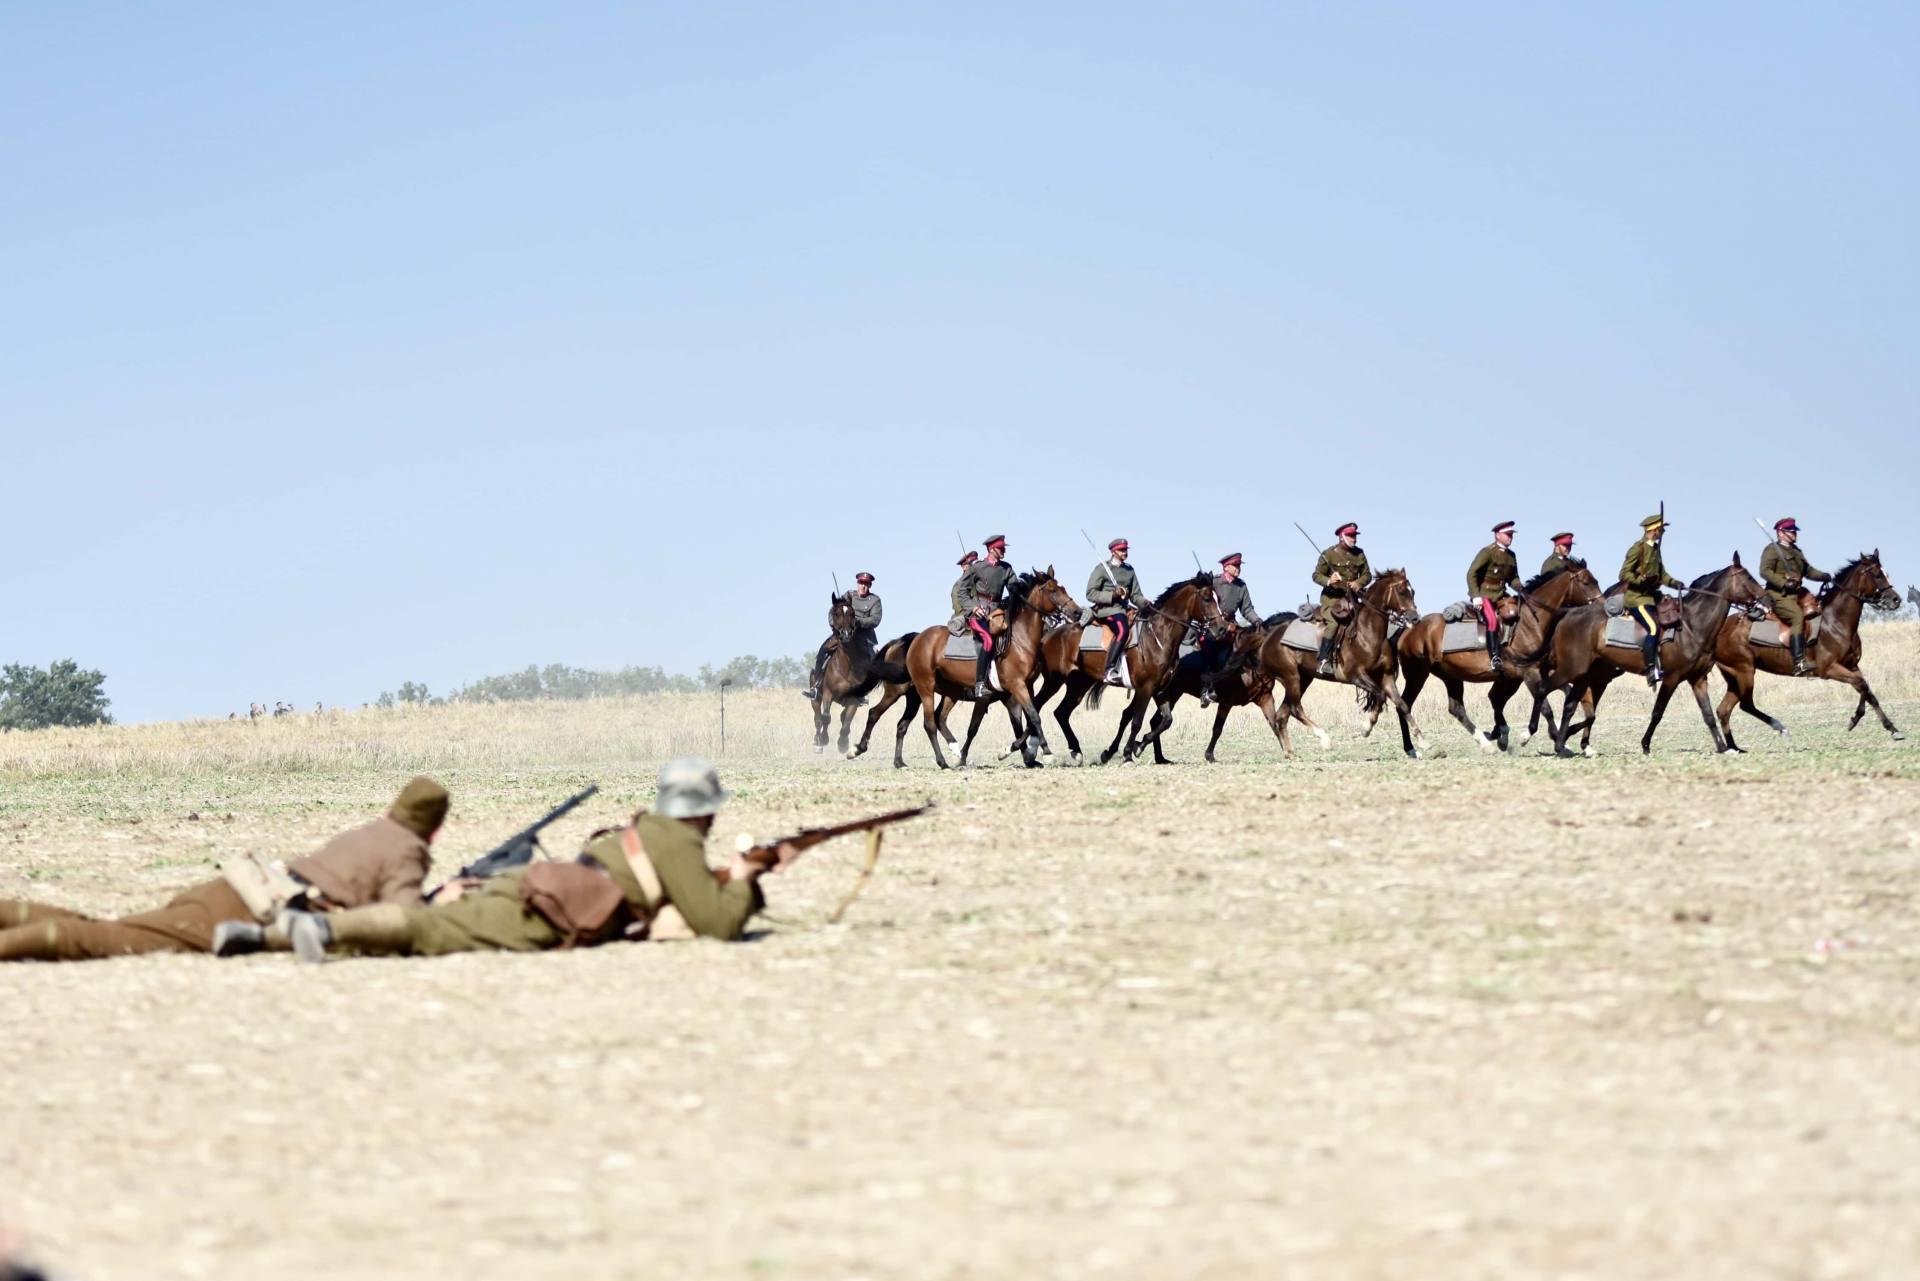 dsc 0989 Czas szabli - 100 rocznica bitwy pod Komarowem(zdjęcia)